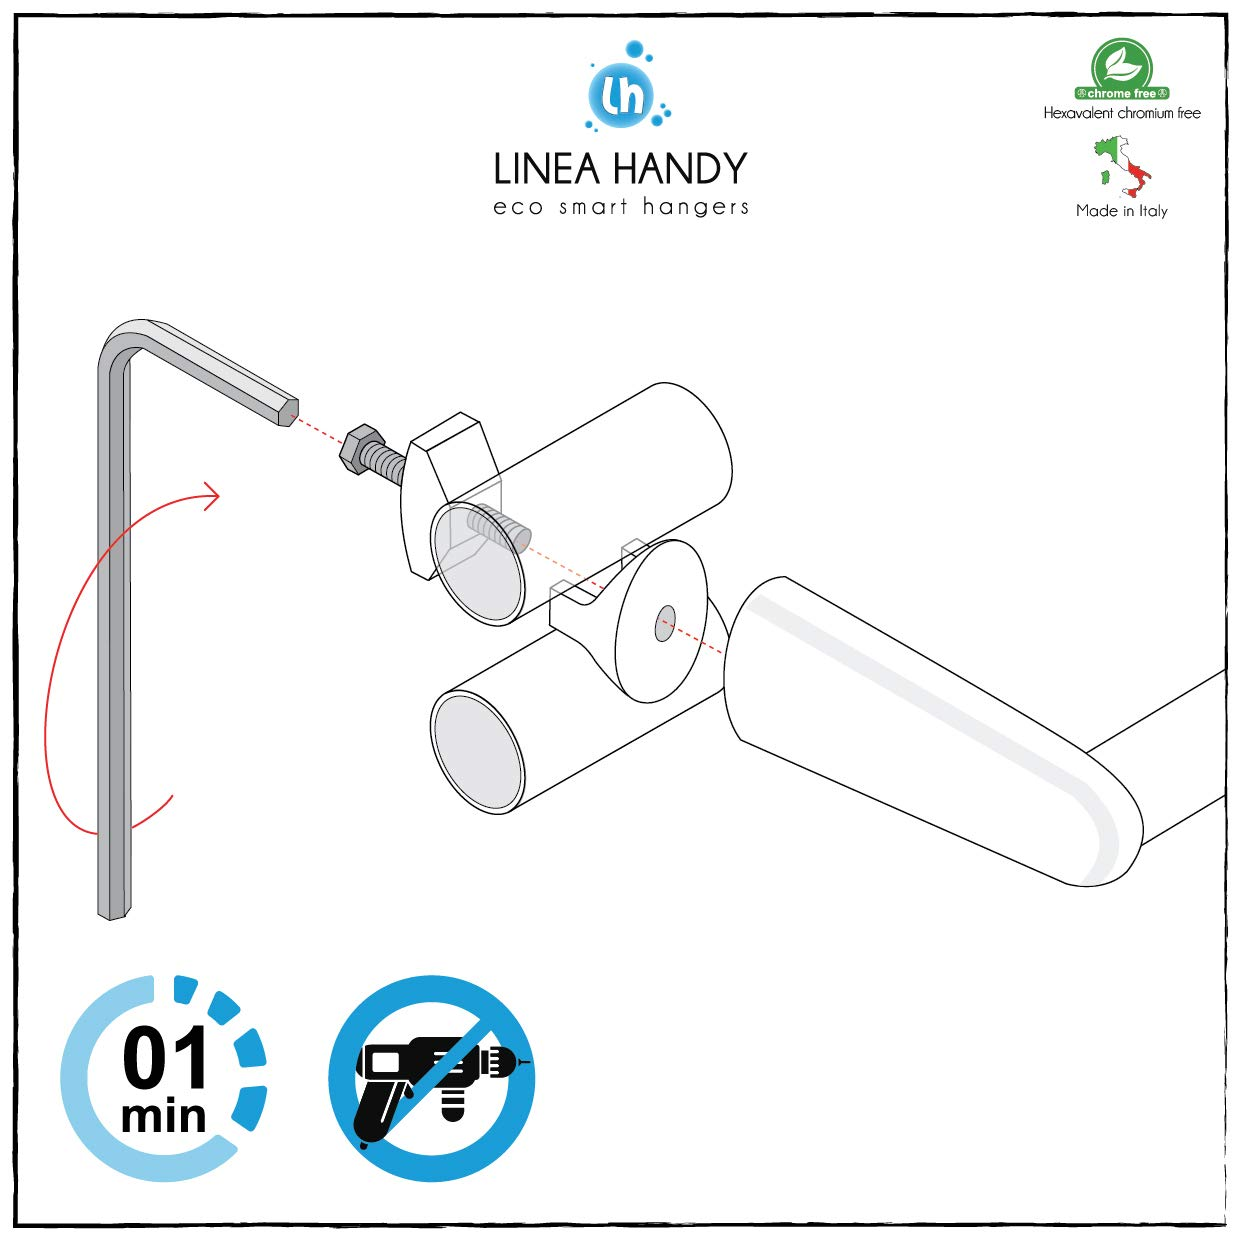 /Radiateur s/èche-Serviettes chrom/é/ /1/pi/&eg /Ne Trous Plus Les carrelage et ne Pas Utiliser la Colle Parce Que Se Fixe Directement sur Le Ton/ Handy Flex/ /Porte-Serviette/